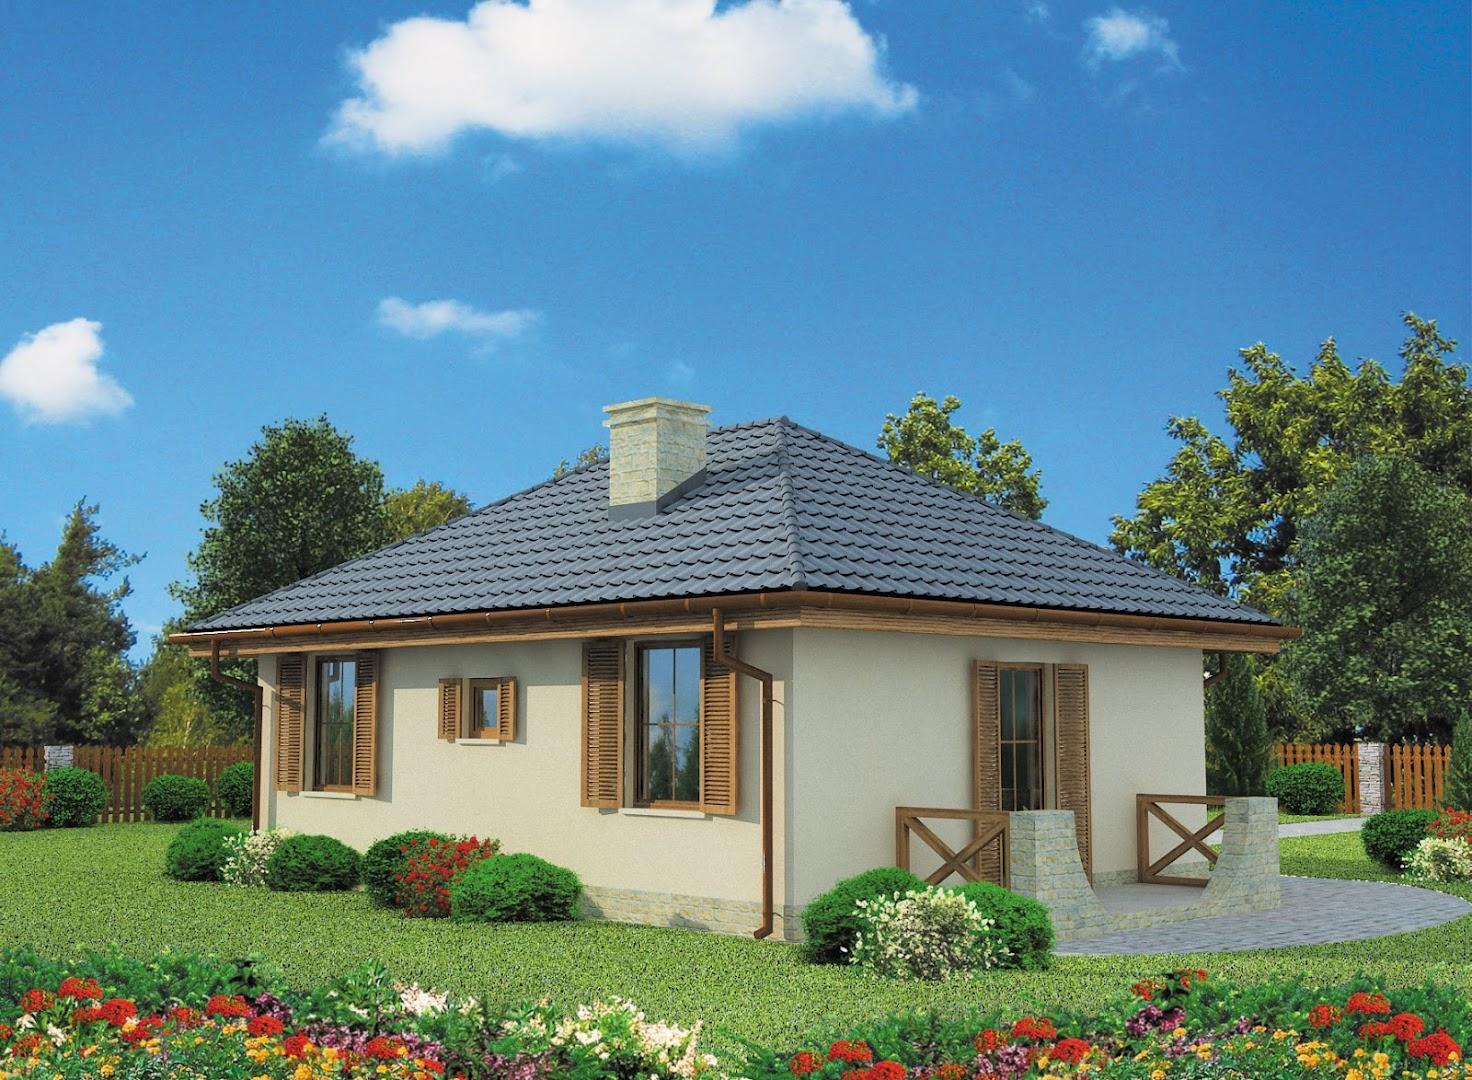 Projekt domu bayamo thj 981 for Piccole planimetrie di piccole case